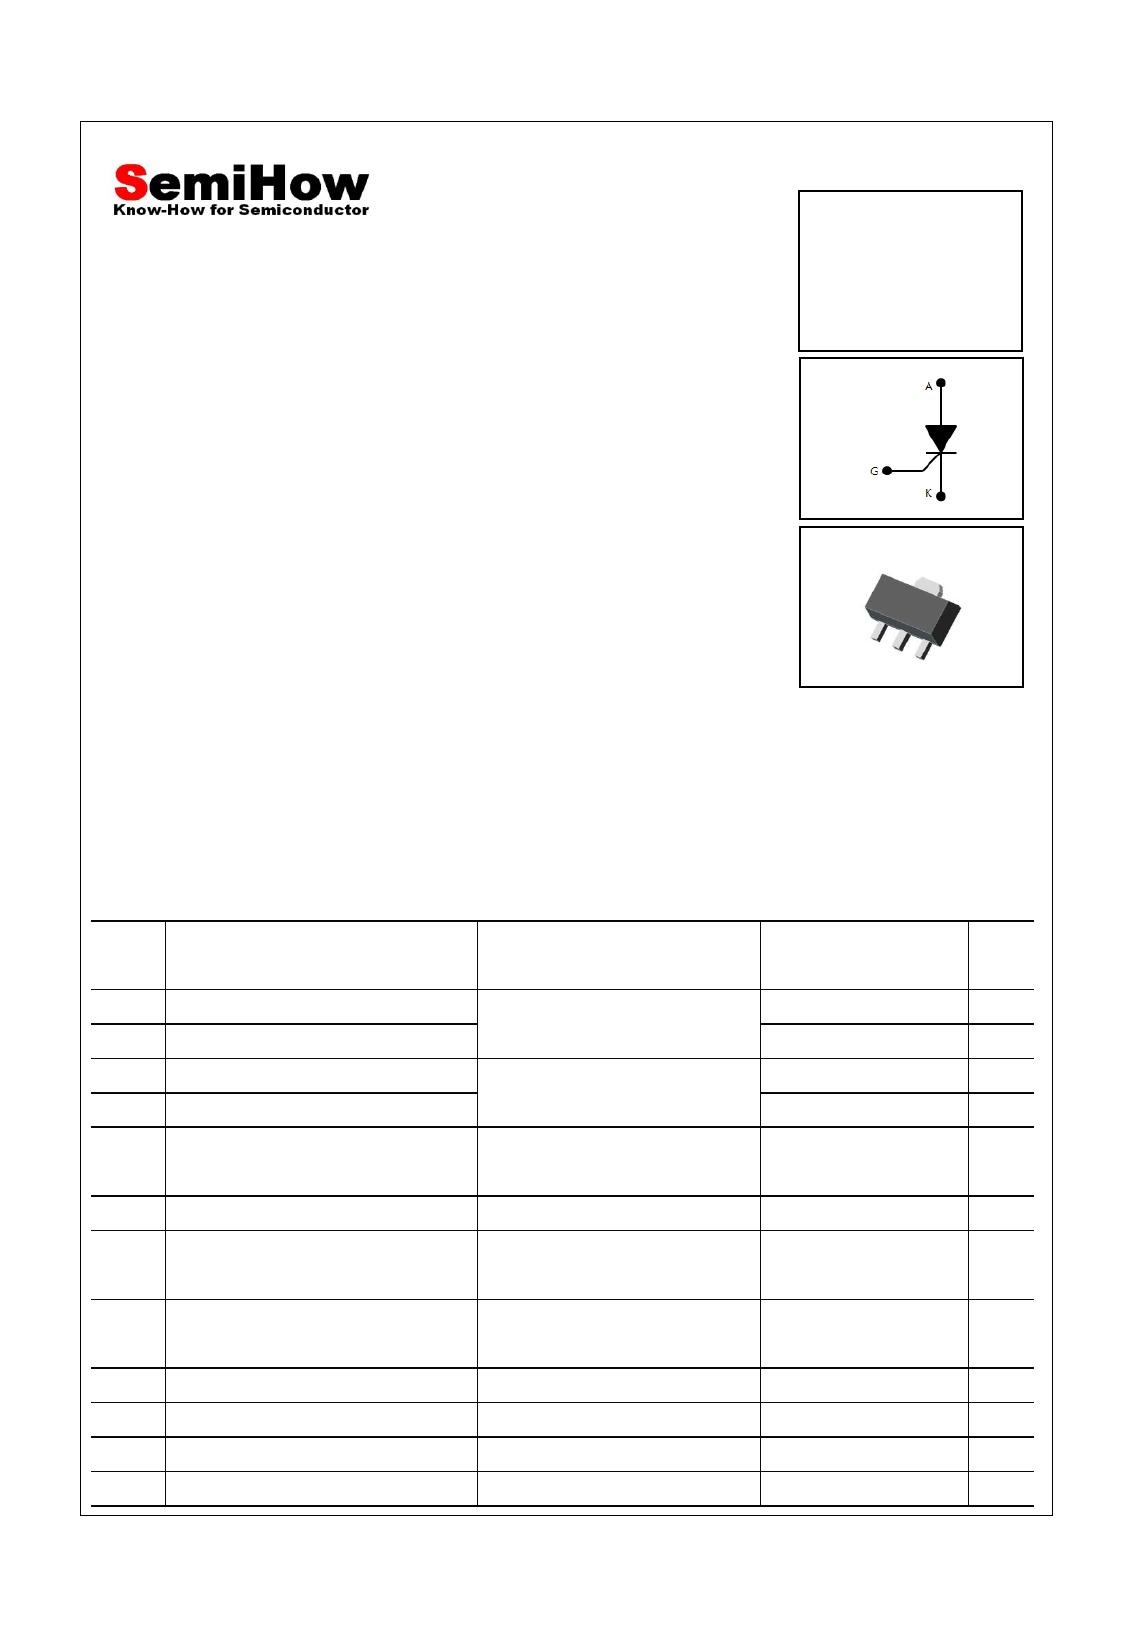 MCK100-8 데이터시트 및 MCK100-8 PDF